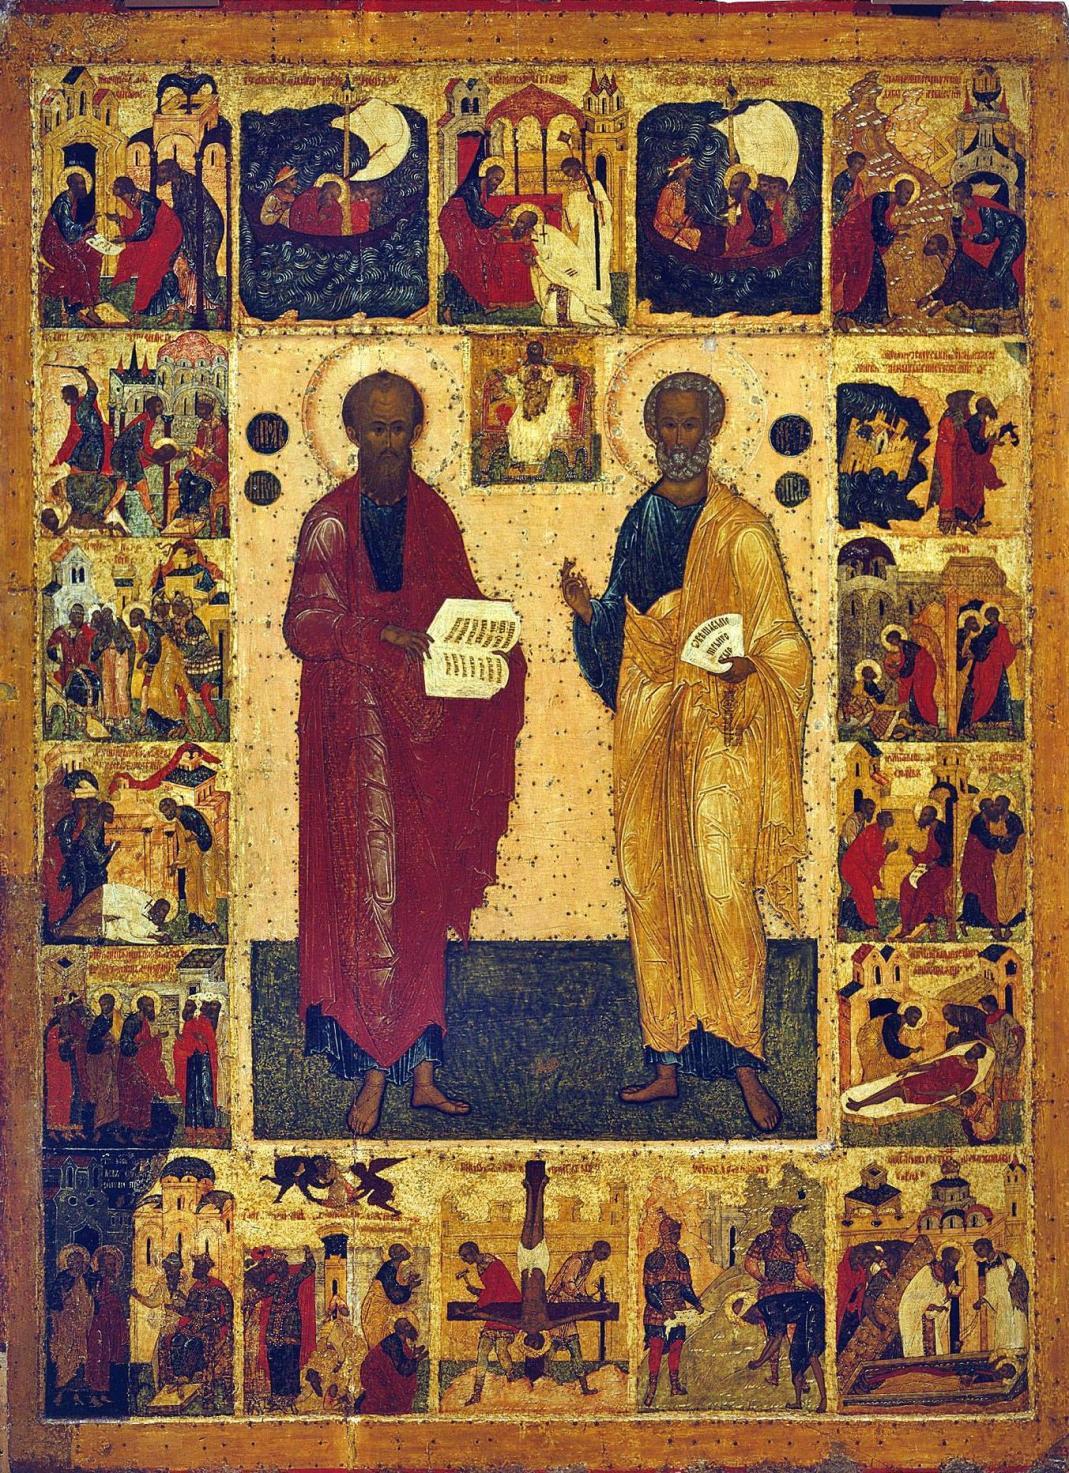 Икона апостолов Петра и Павла с клеммами. Великий Новгород, XVI век.